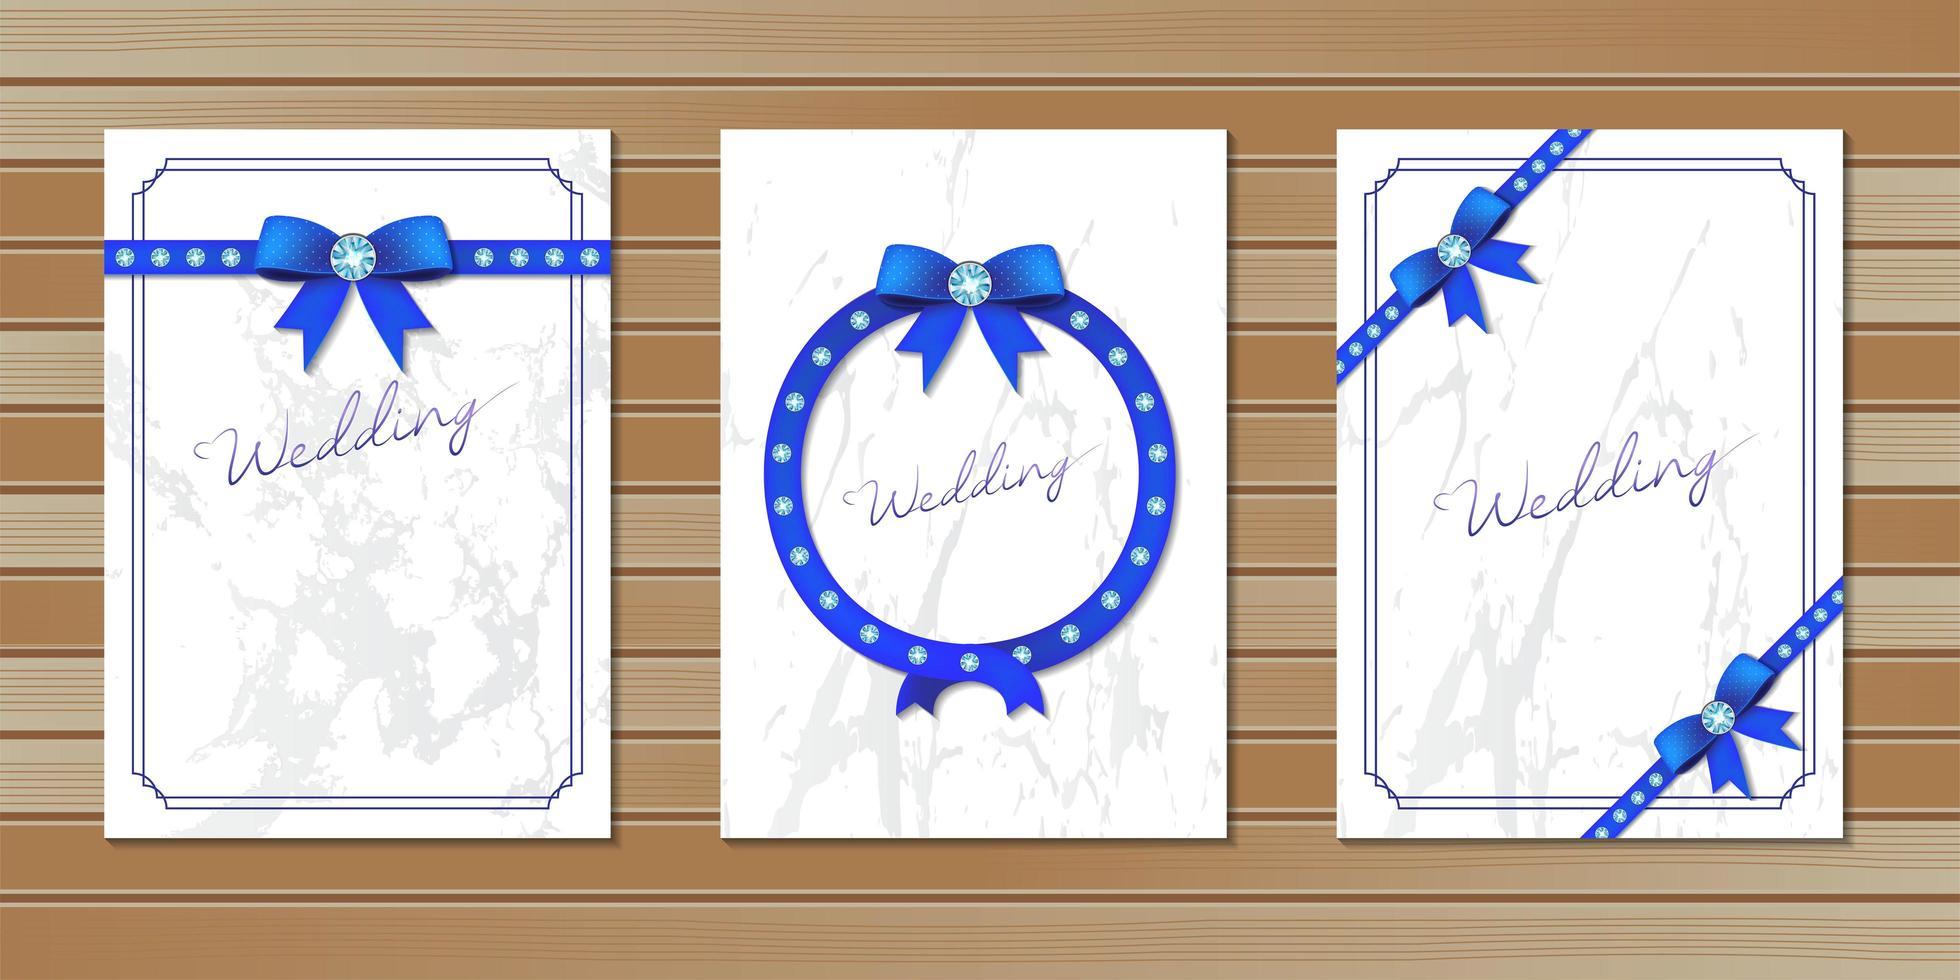 biglietti di invito a nozze decorati con fiocchi vettore